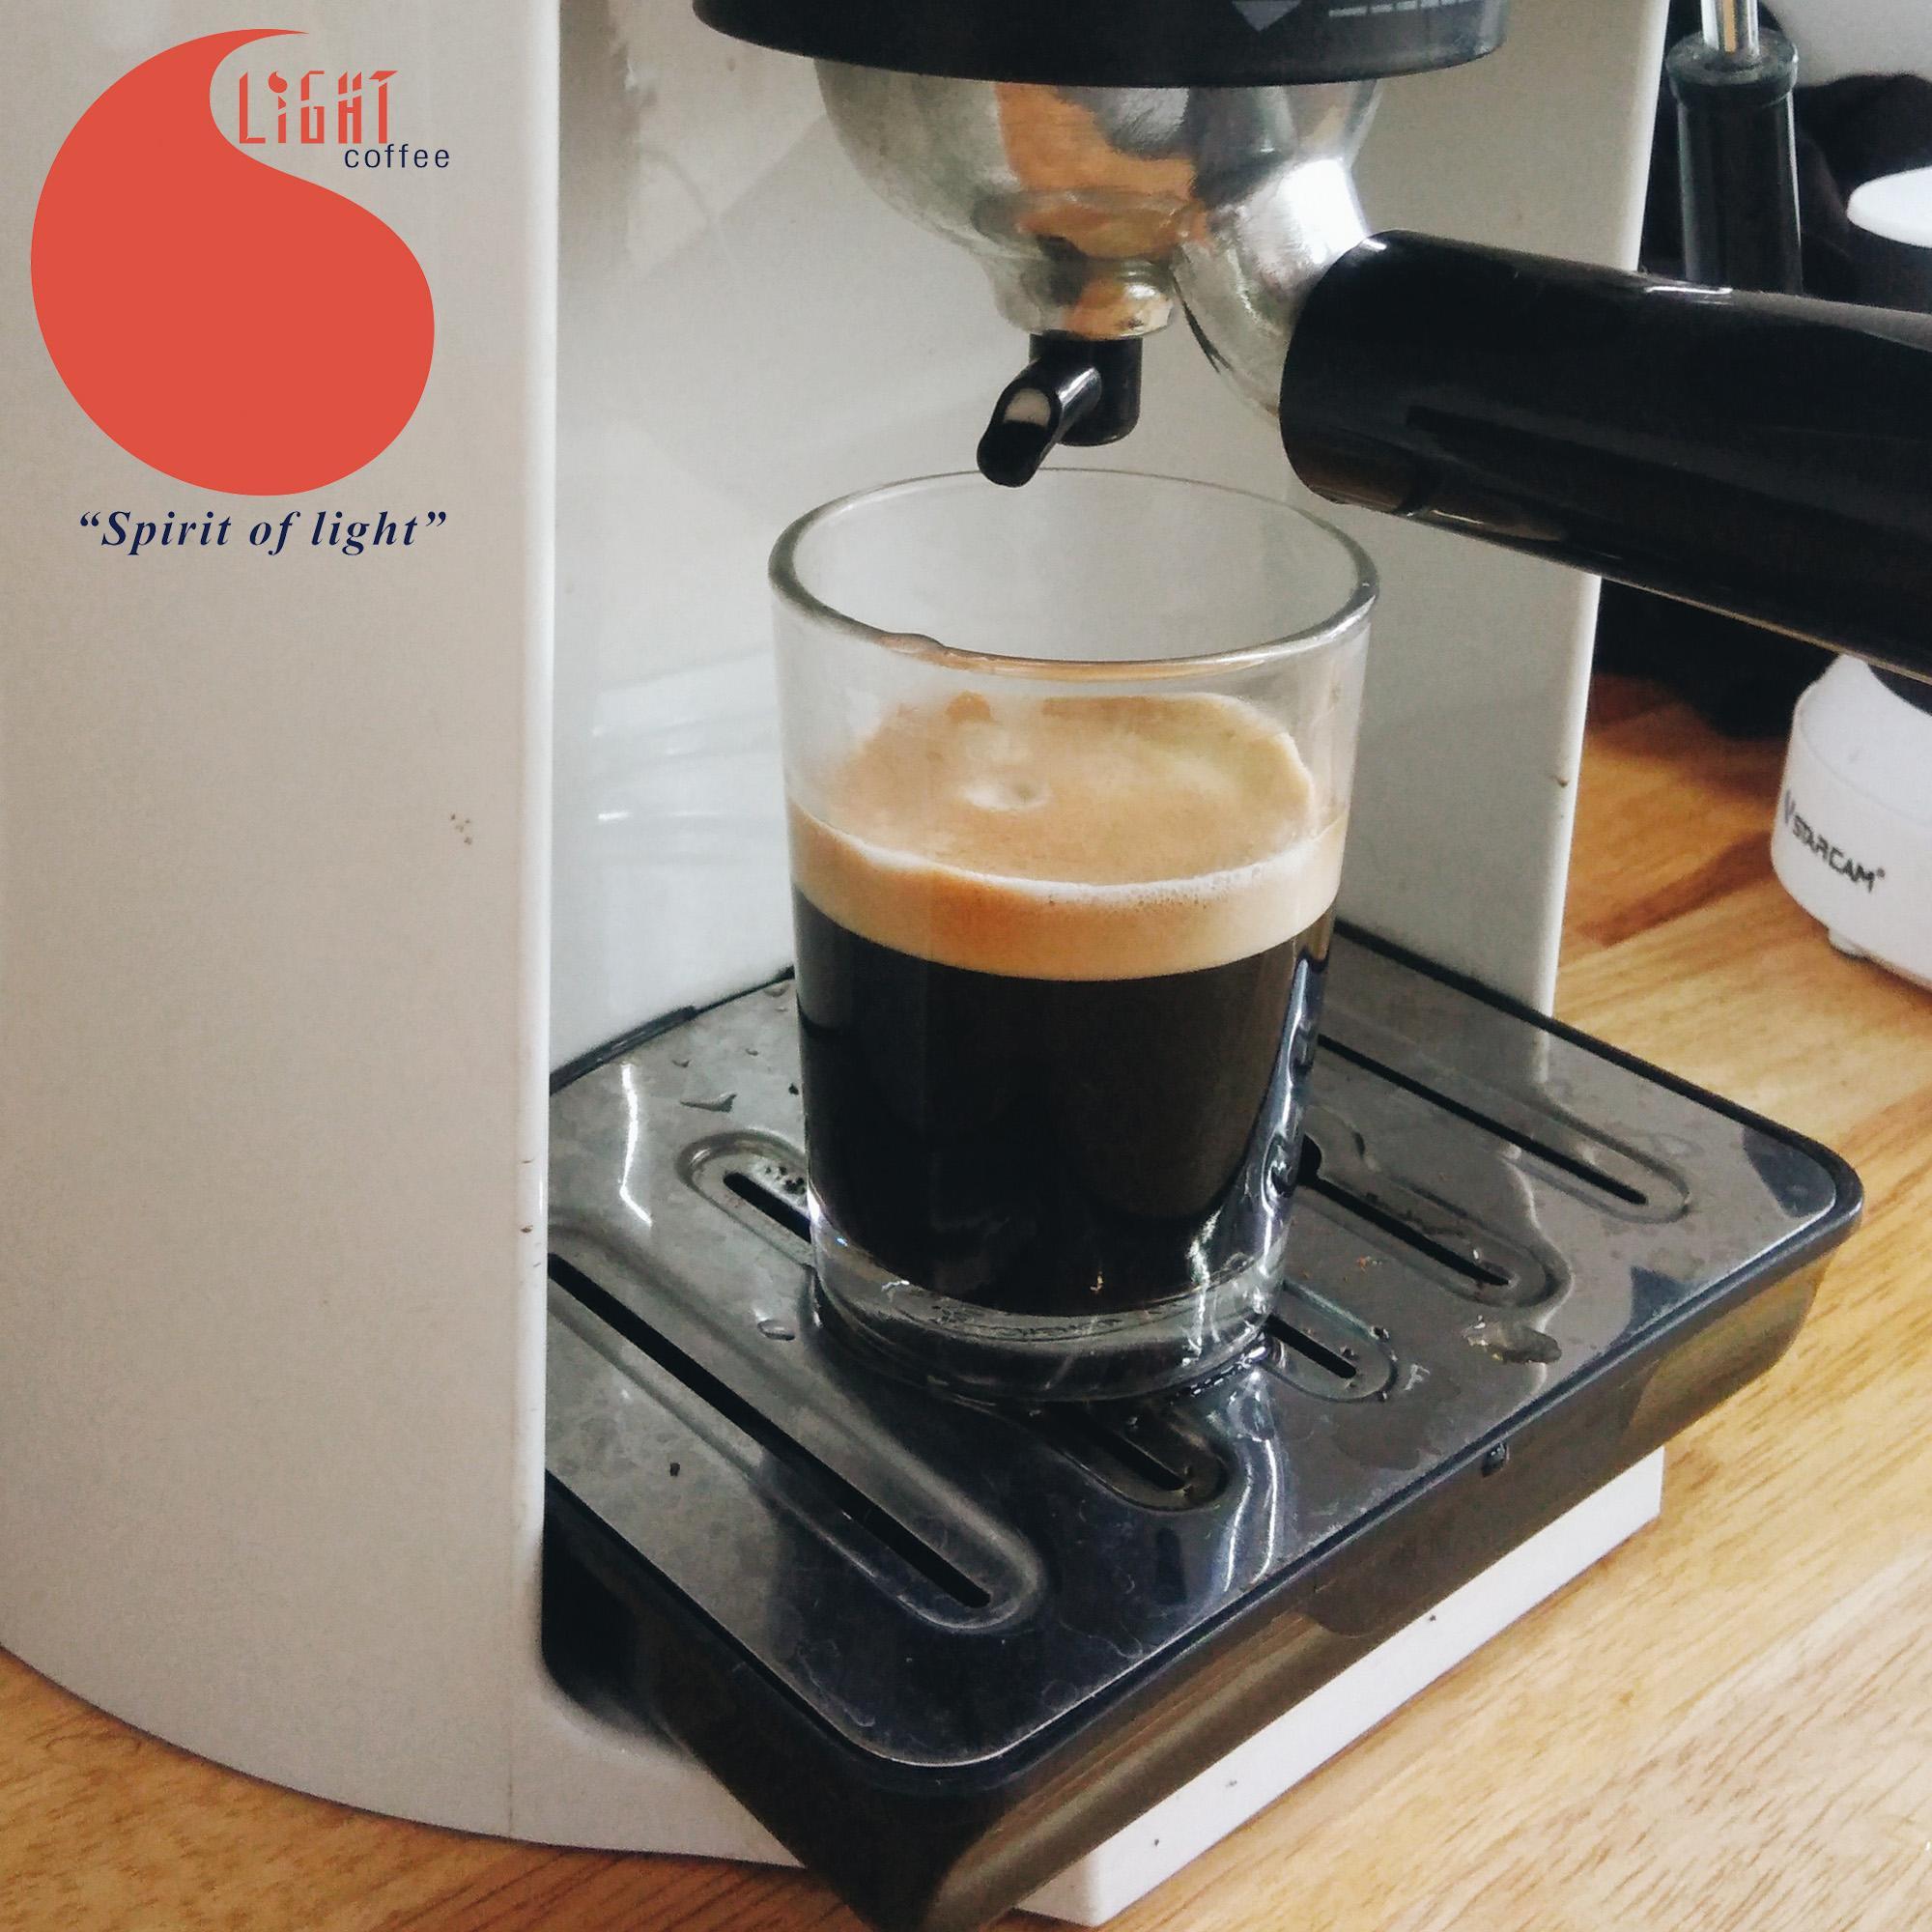 cà phê nguyên chất Light Coffee